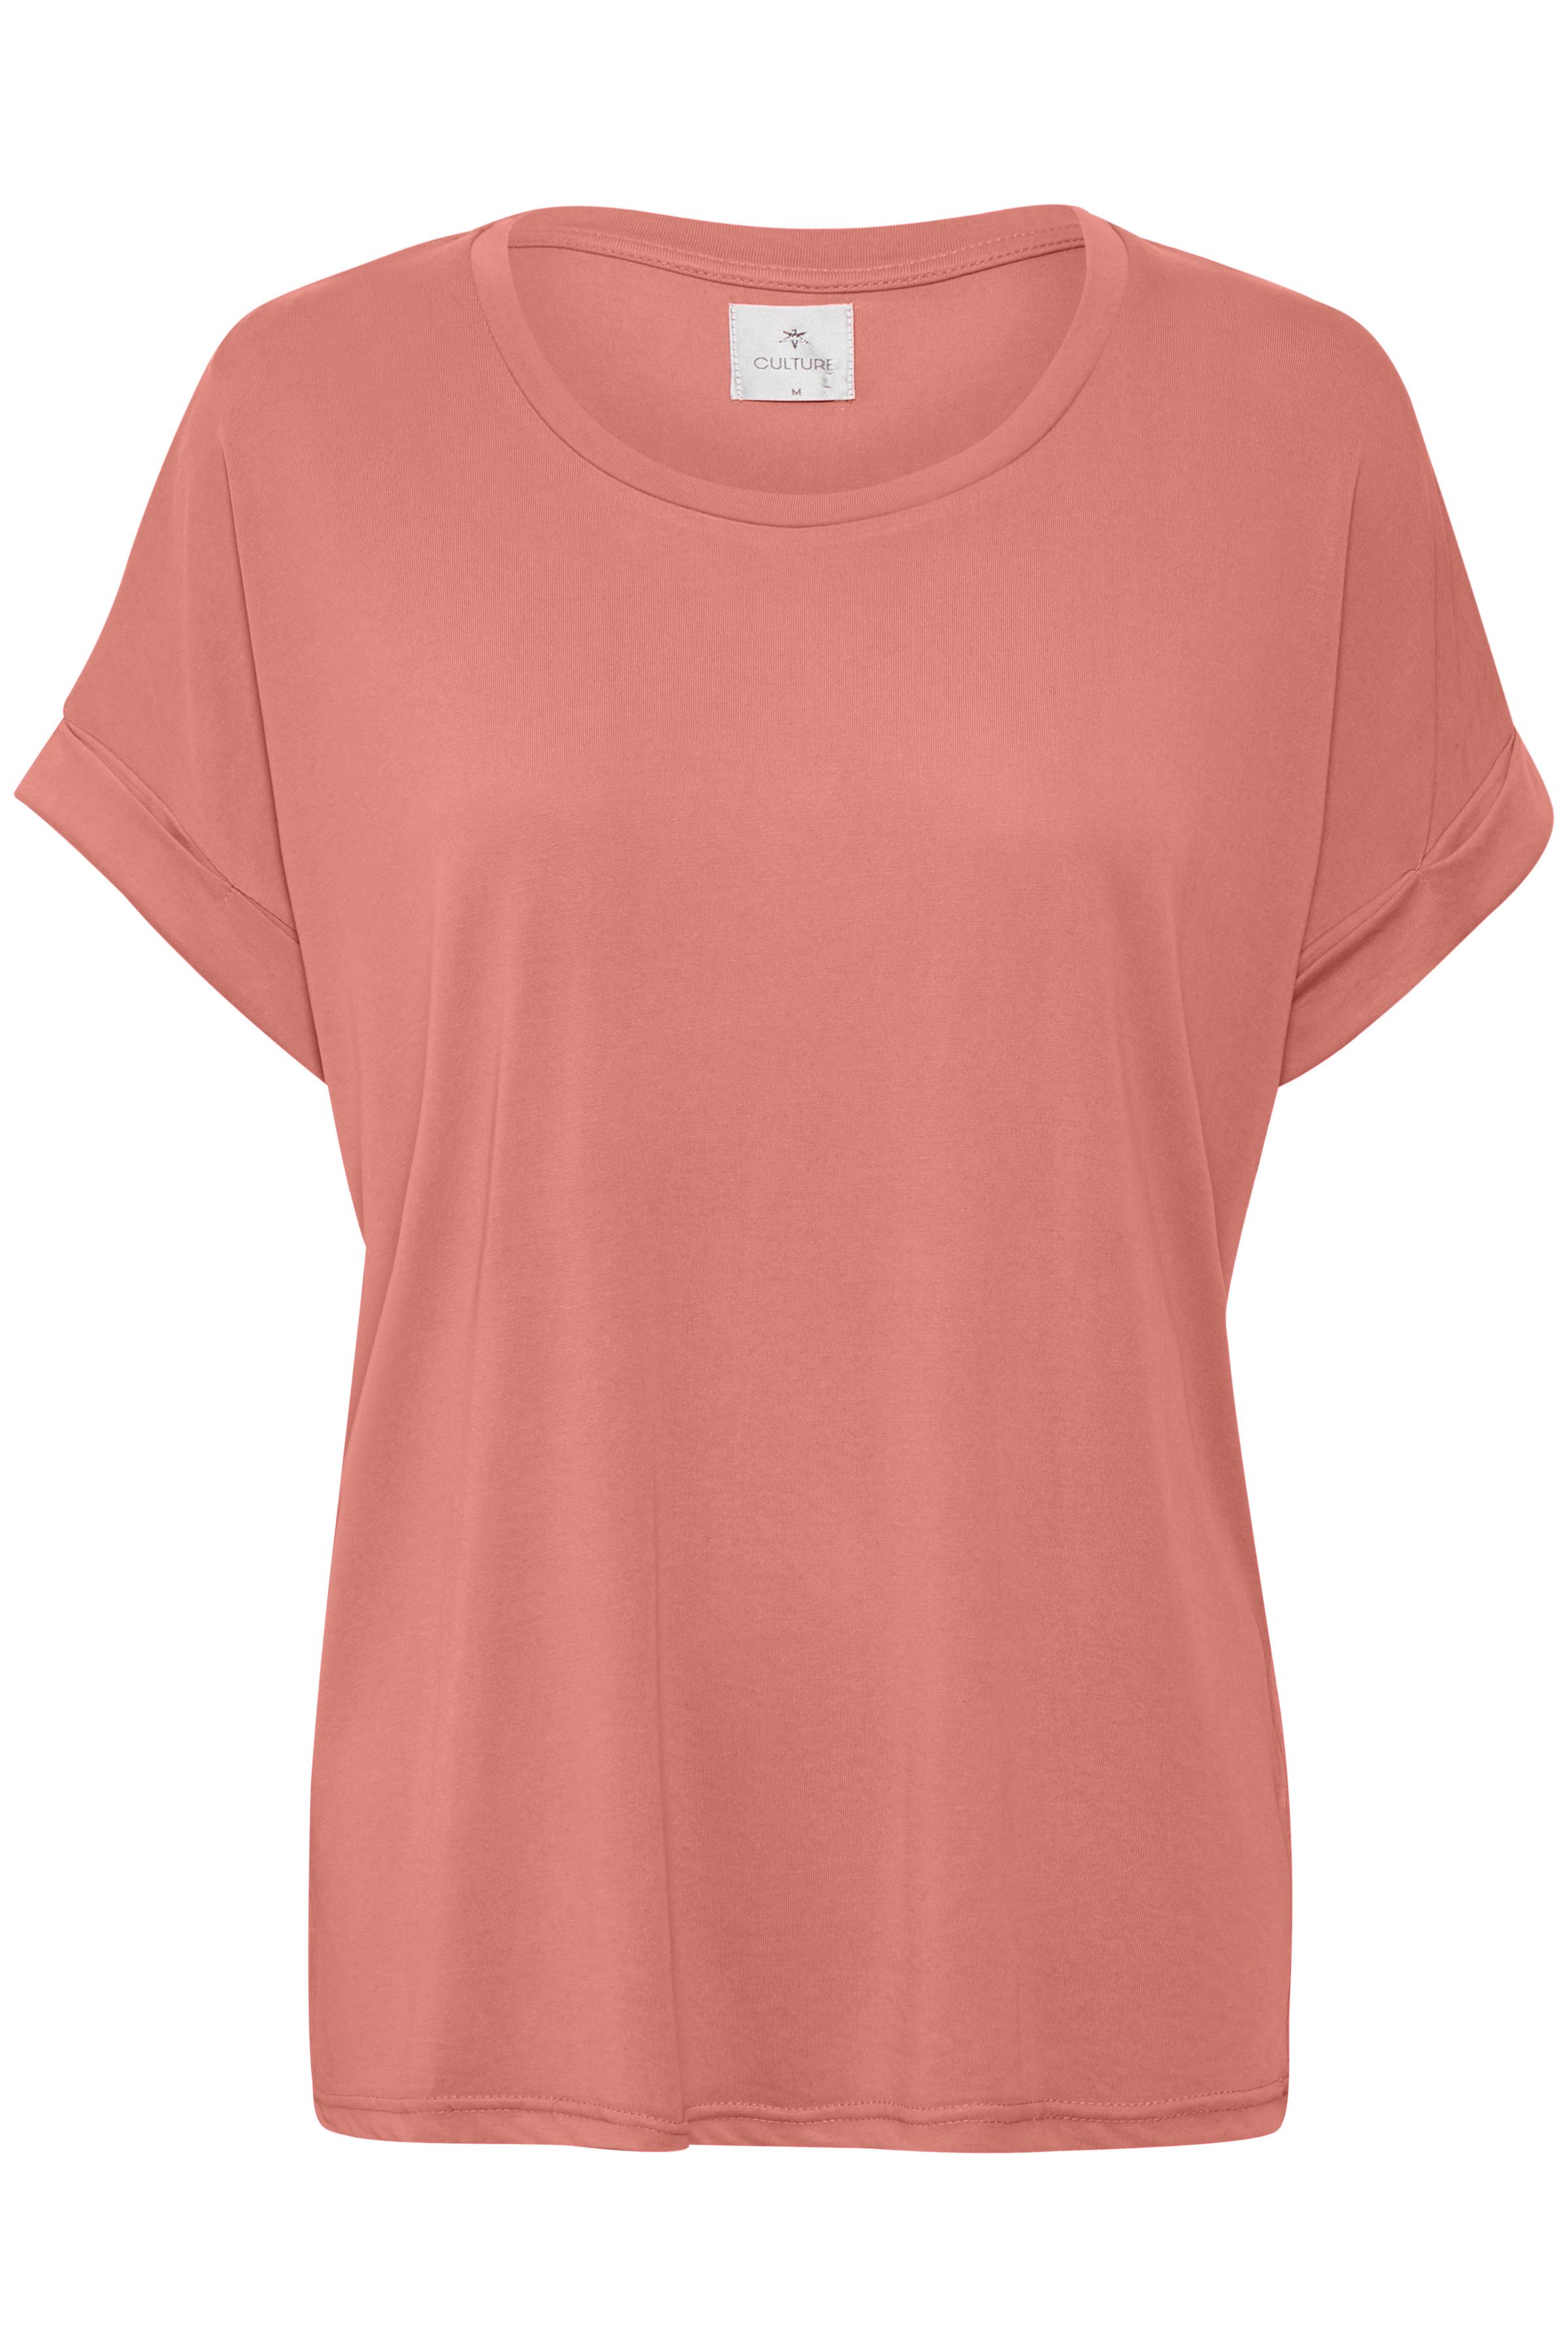 Dimrosa Kortärmad T-shirt från Culture – Köp Dimrosa Kortärmad T-shirt från stl. XS-XXL här